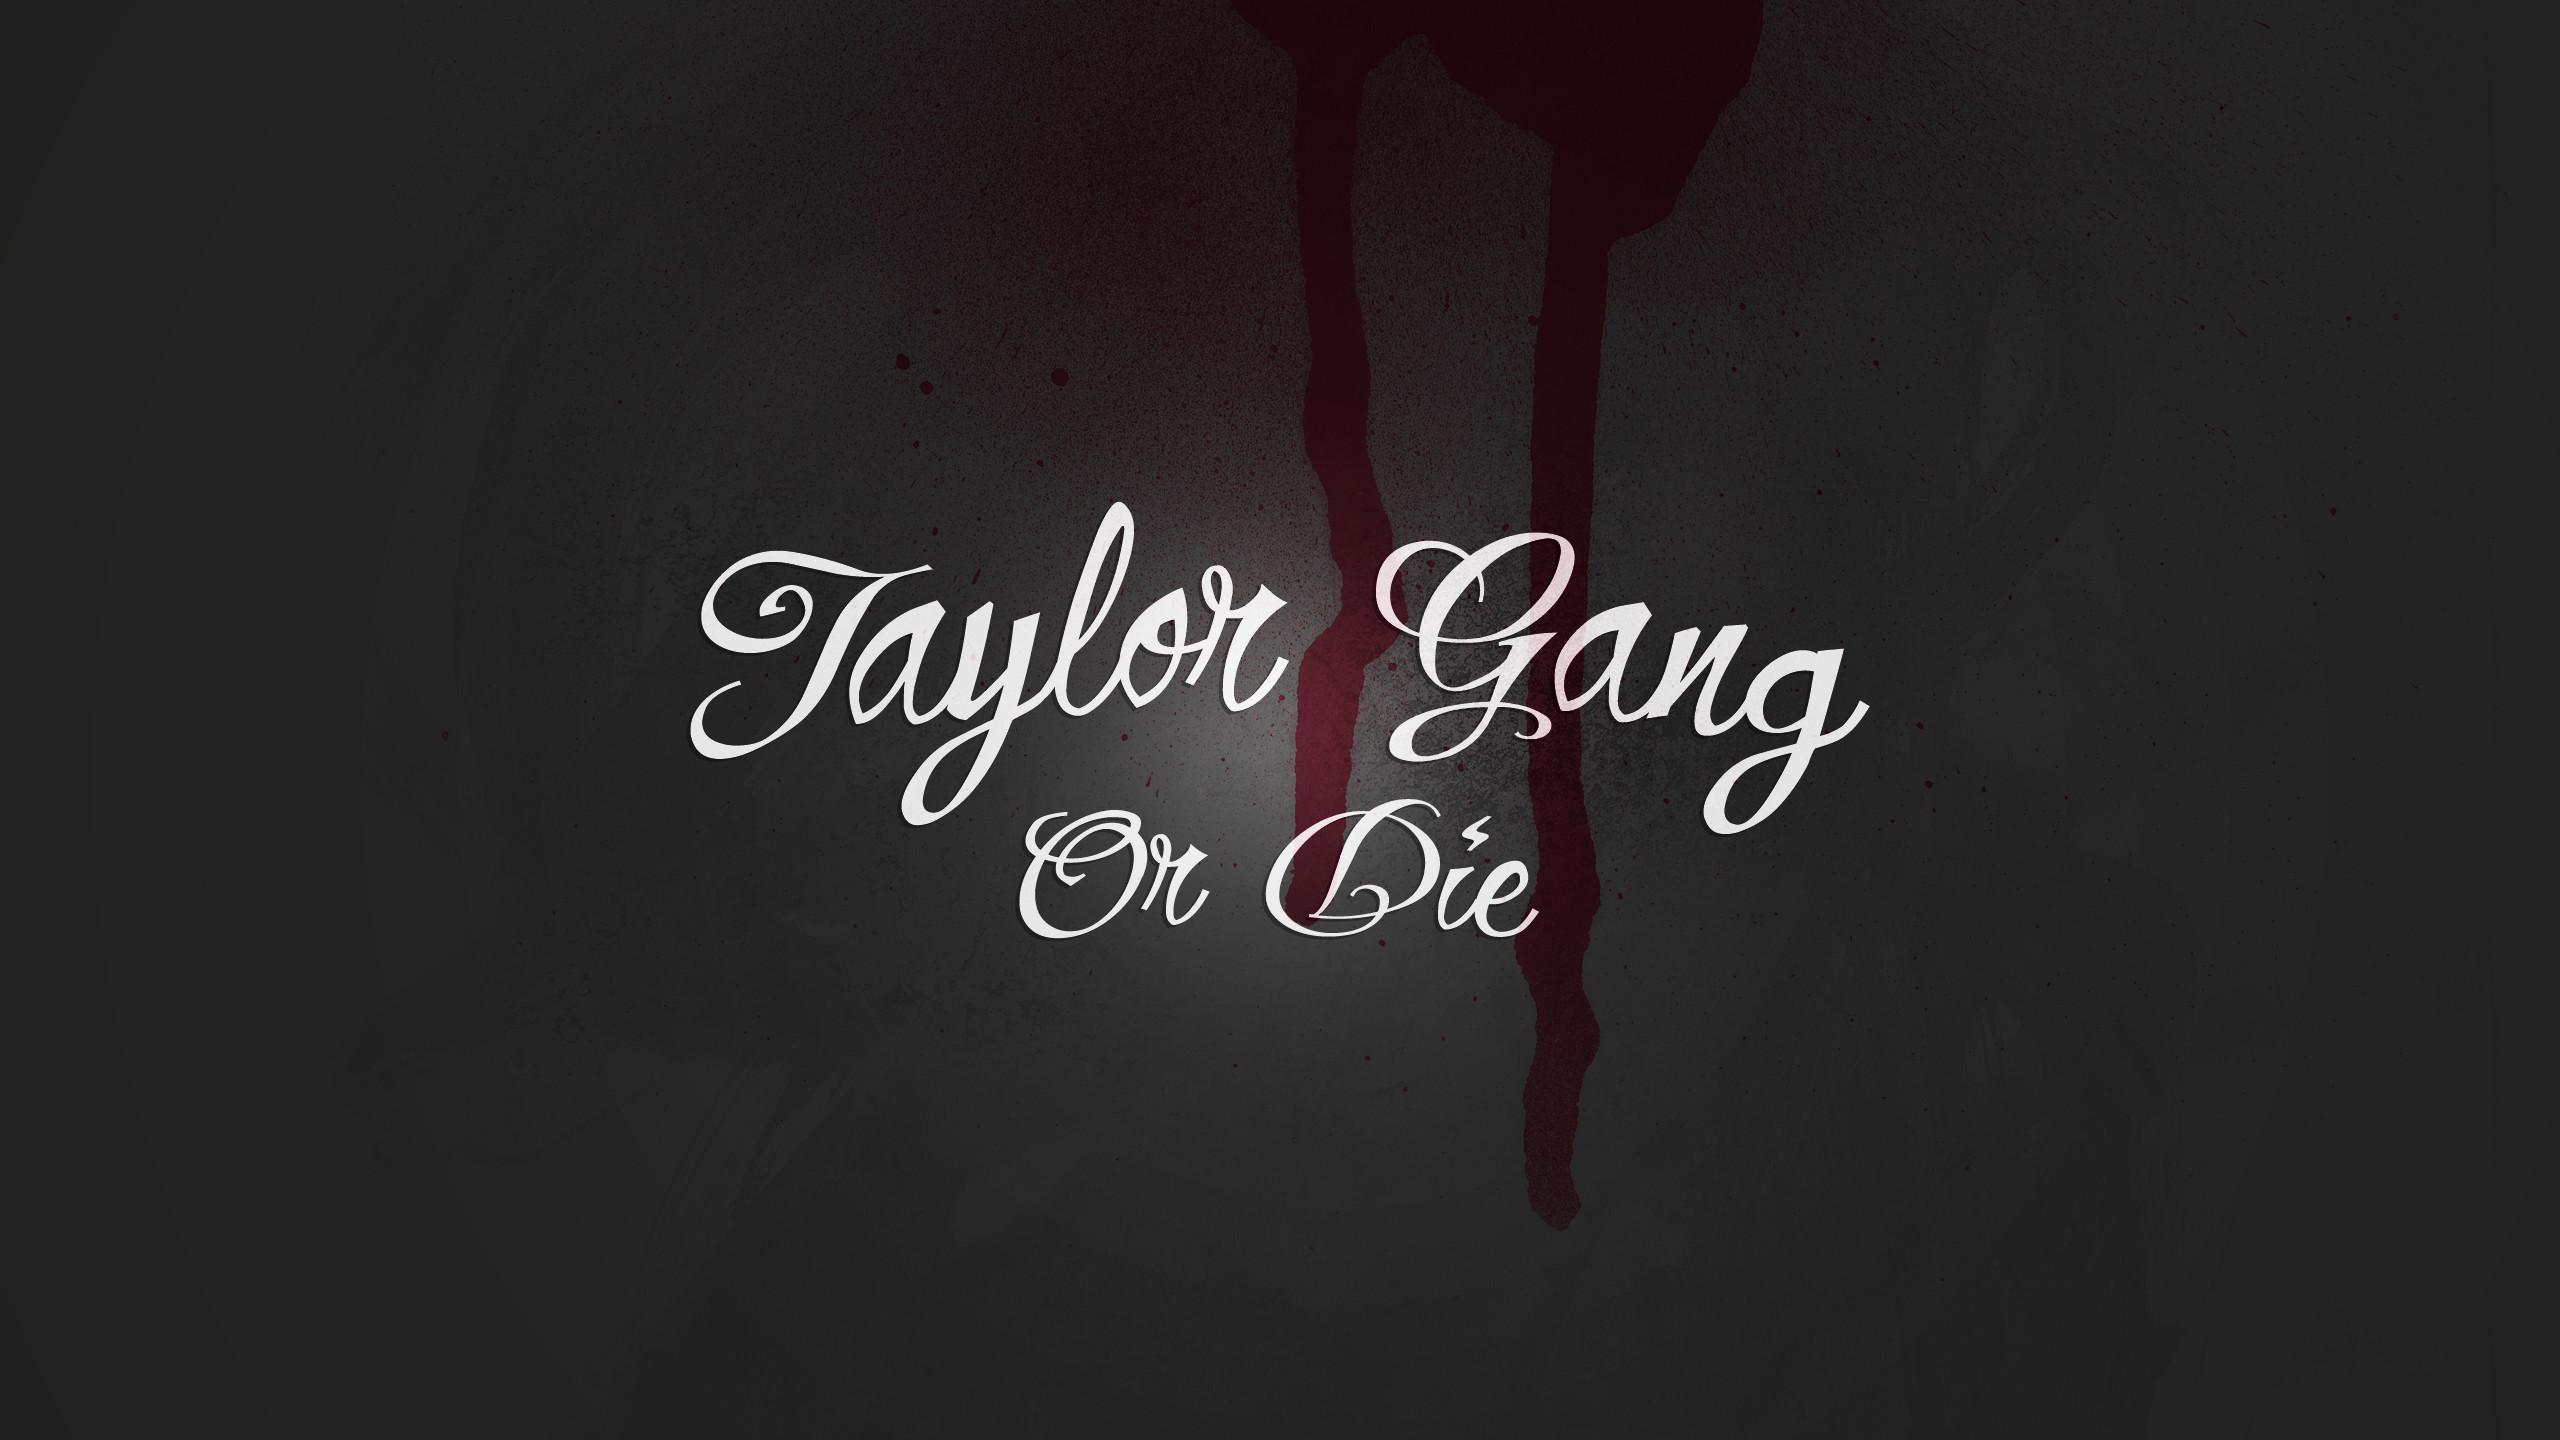 Taylor gang hd clipart – ClipartFox